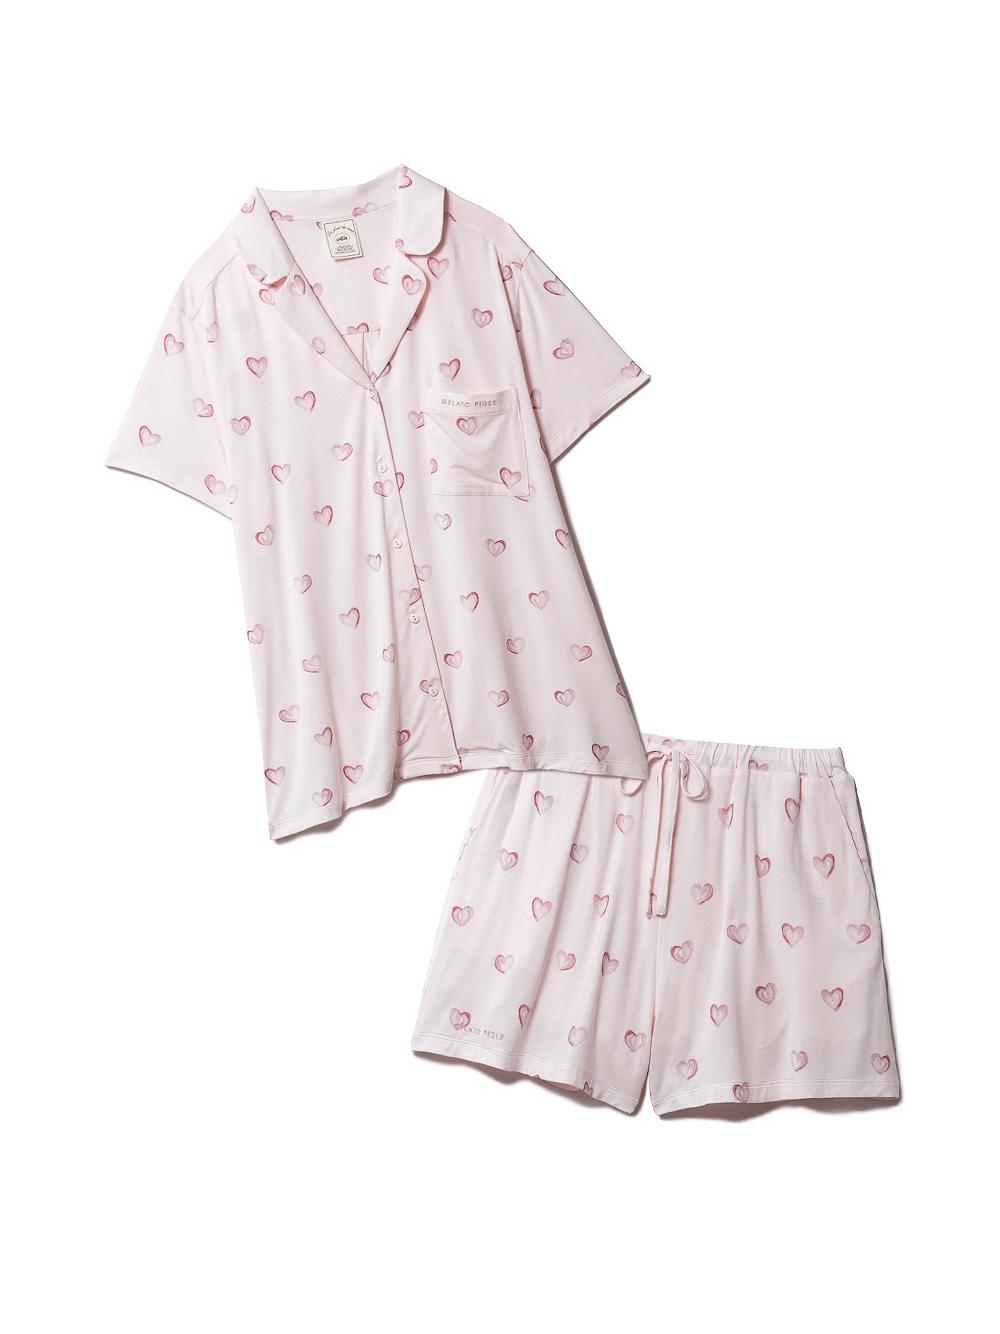 【ラッピング】ハート柄半袖シャツ&ショートパンツSET(PNK-F)